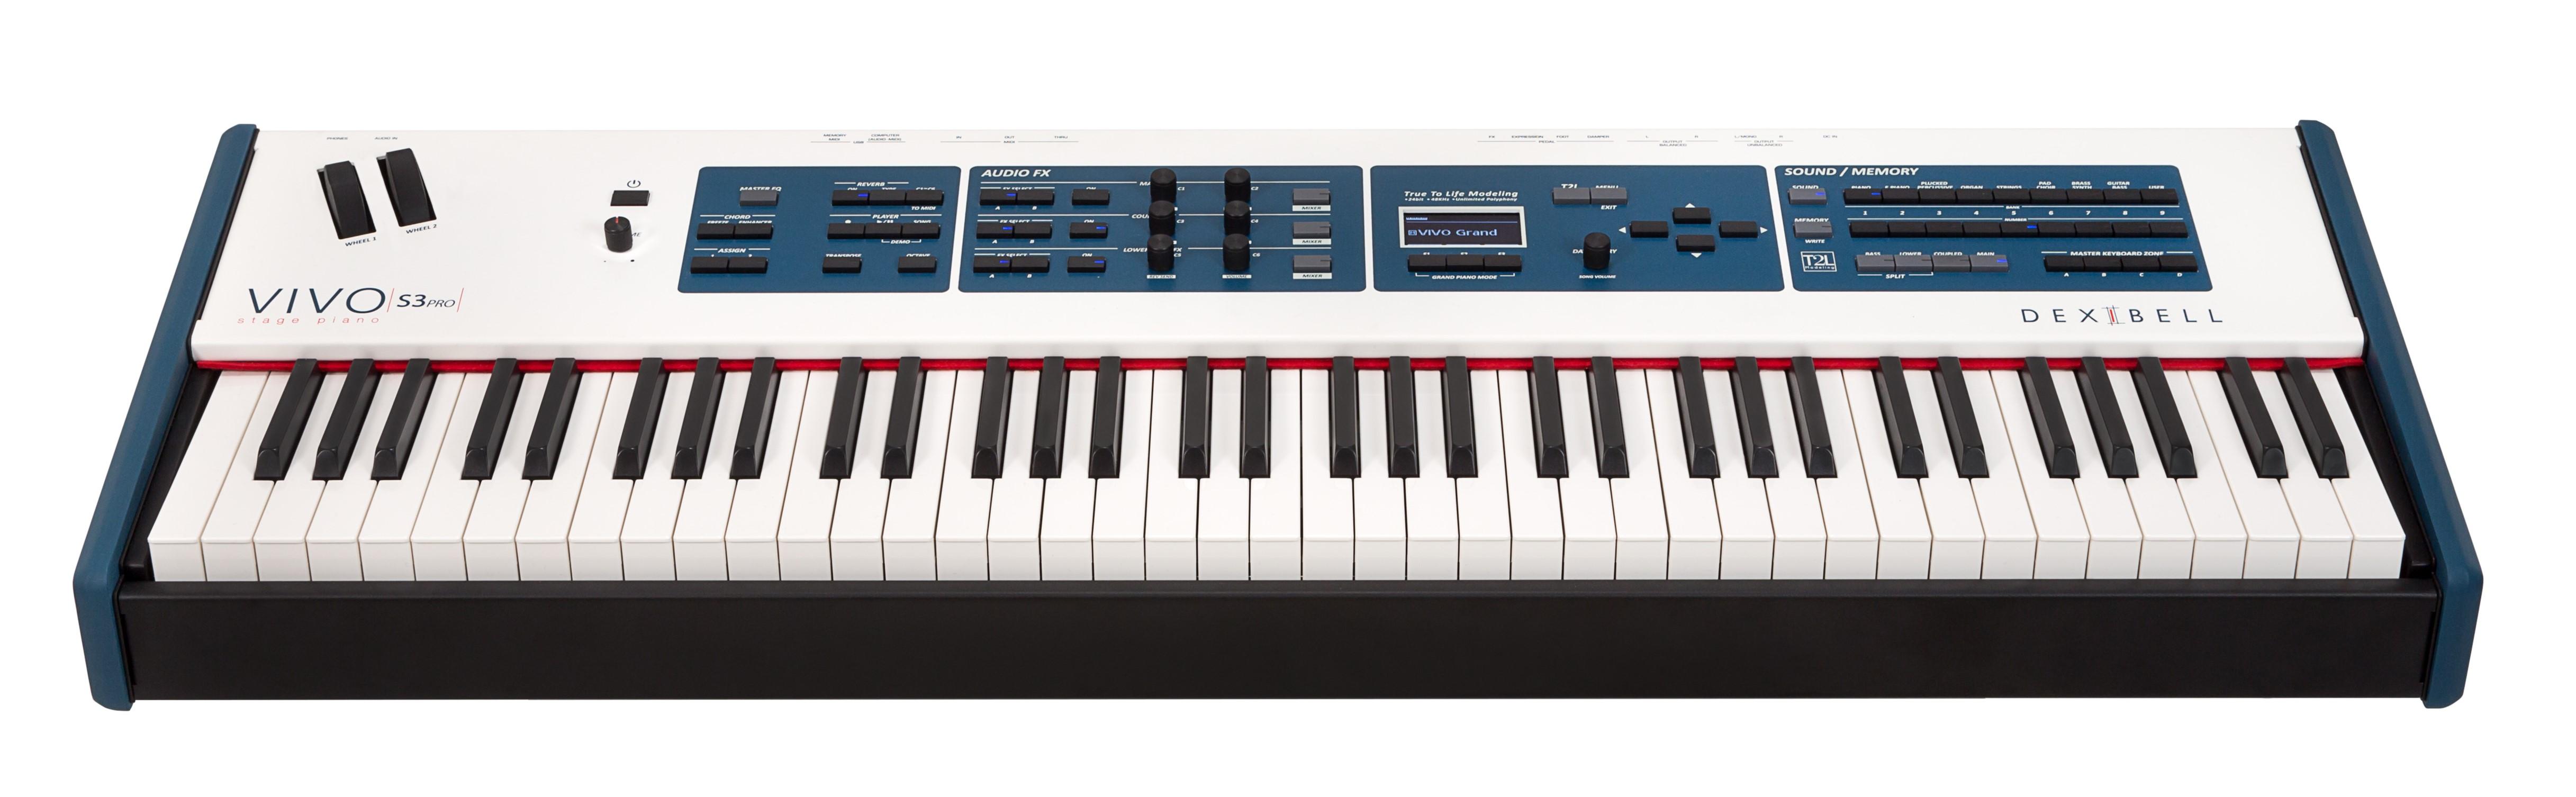 VIVO S3 Pro (73鍵)